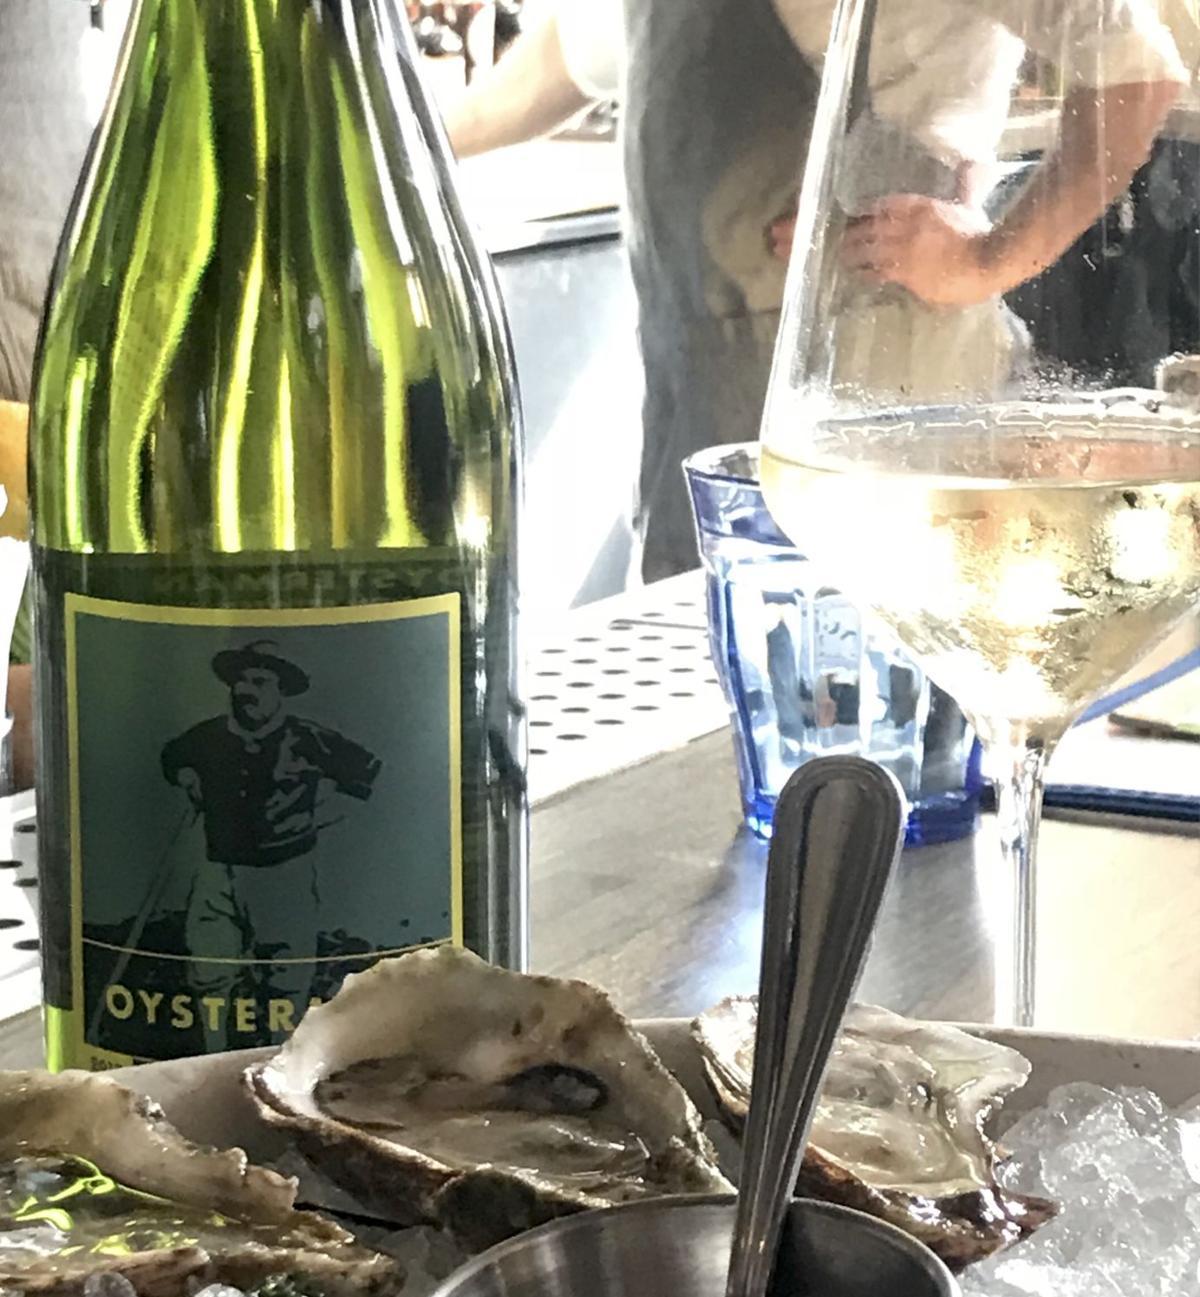 oysterman